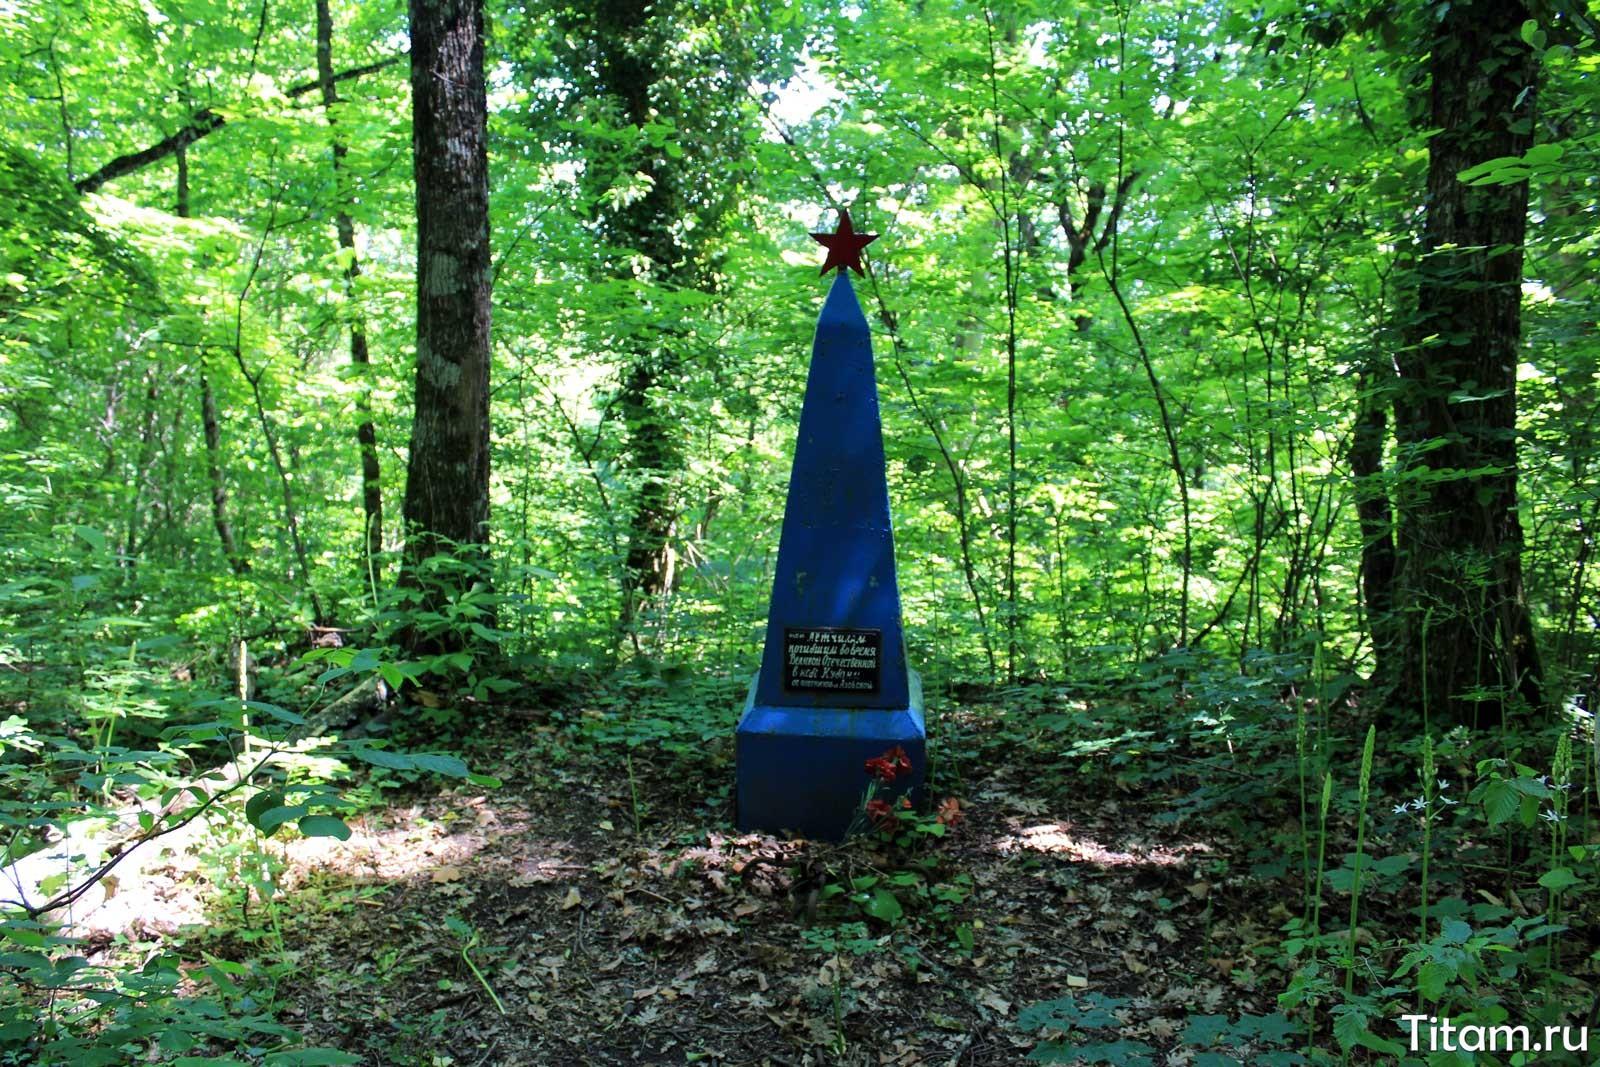 Соберская кругосветка. Памятник летчикам